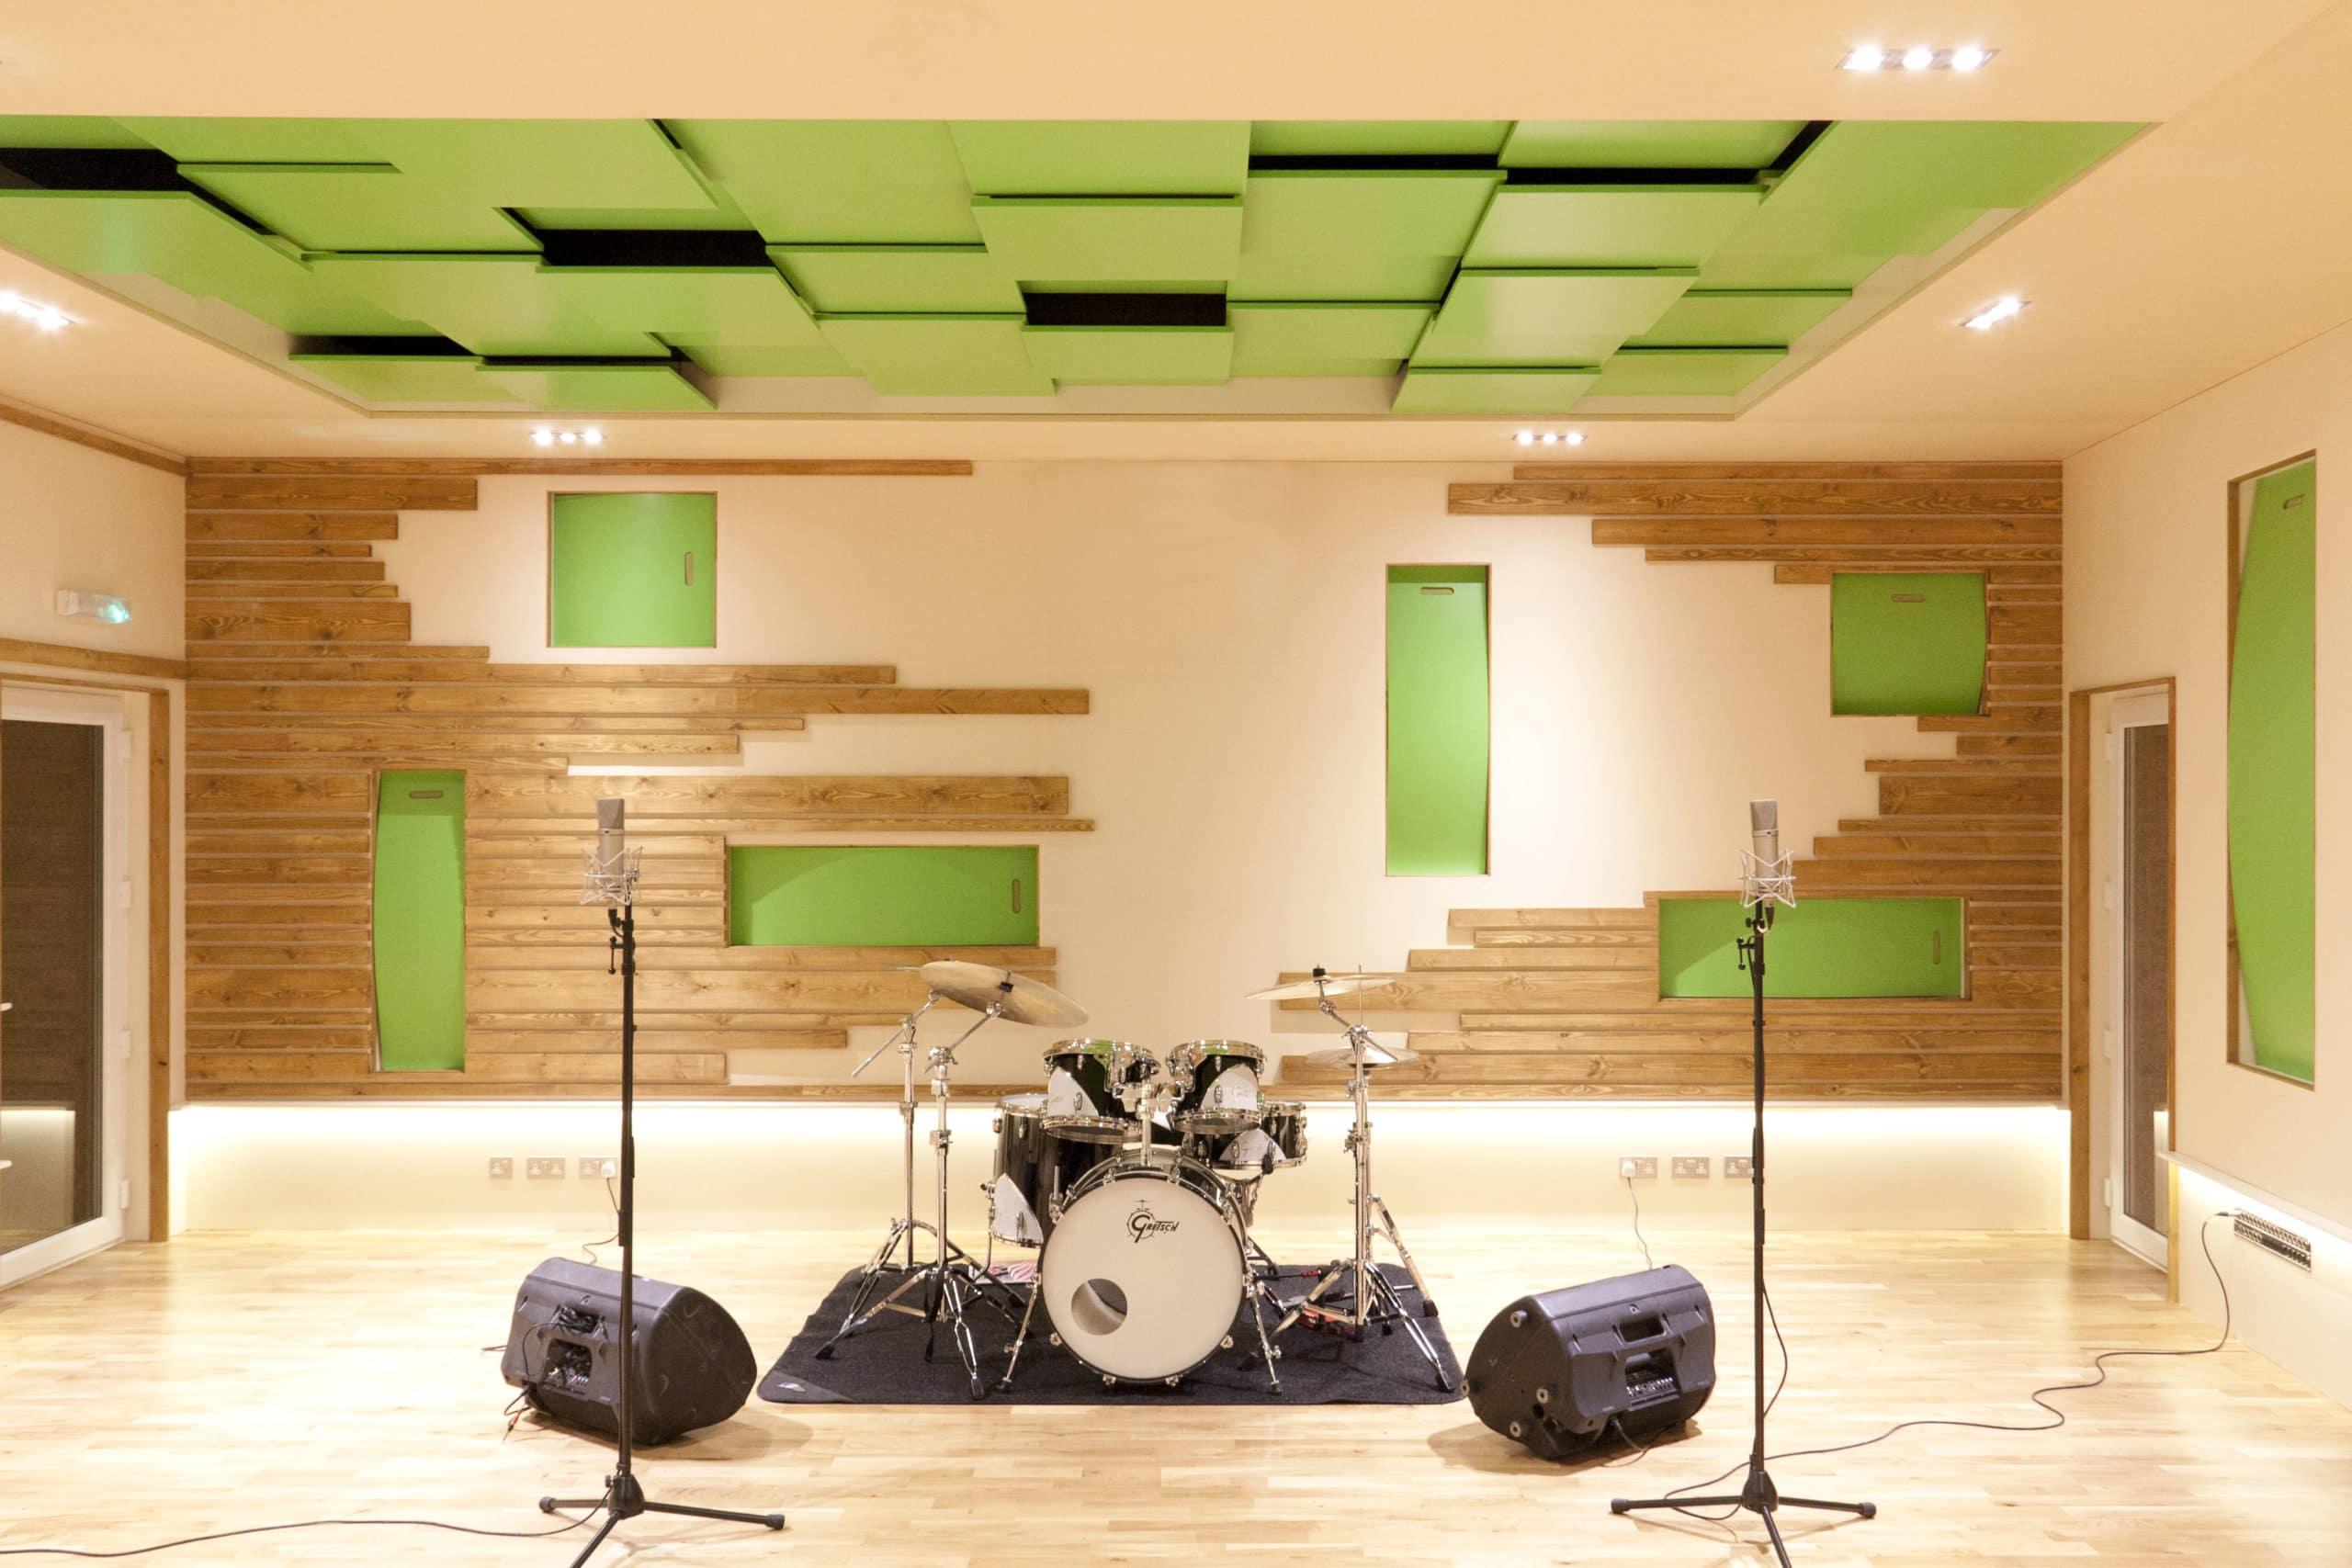 master chord studio architects srl